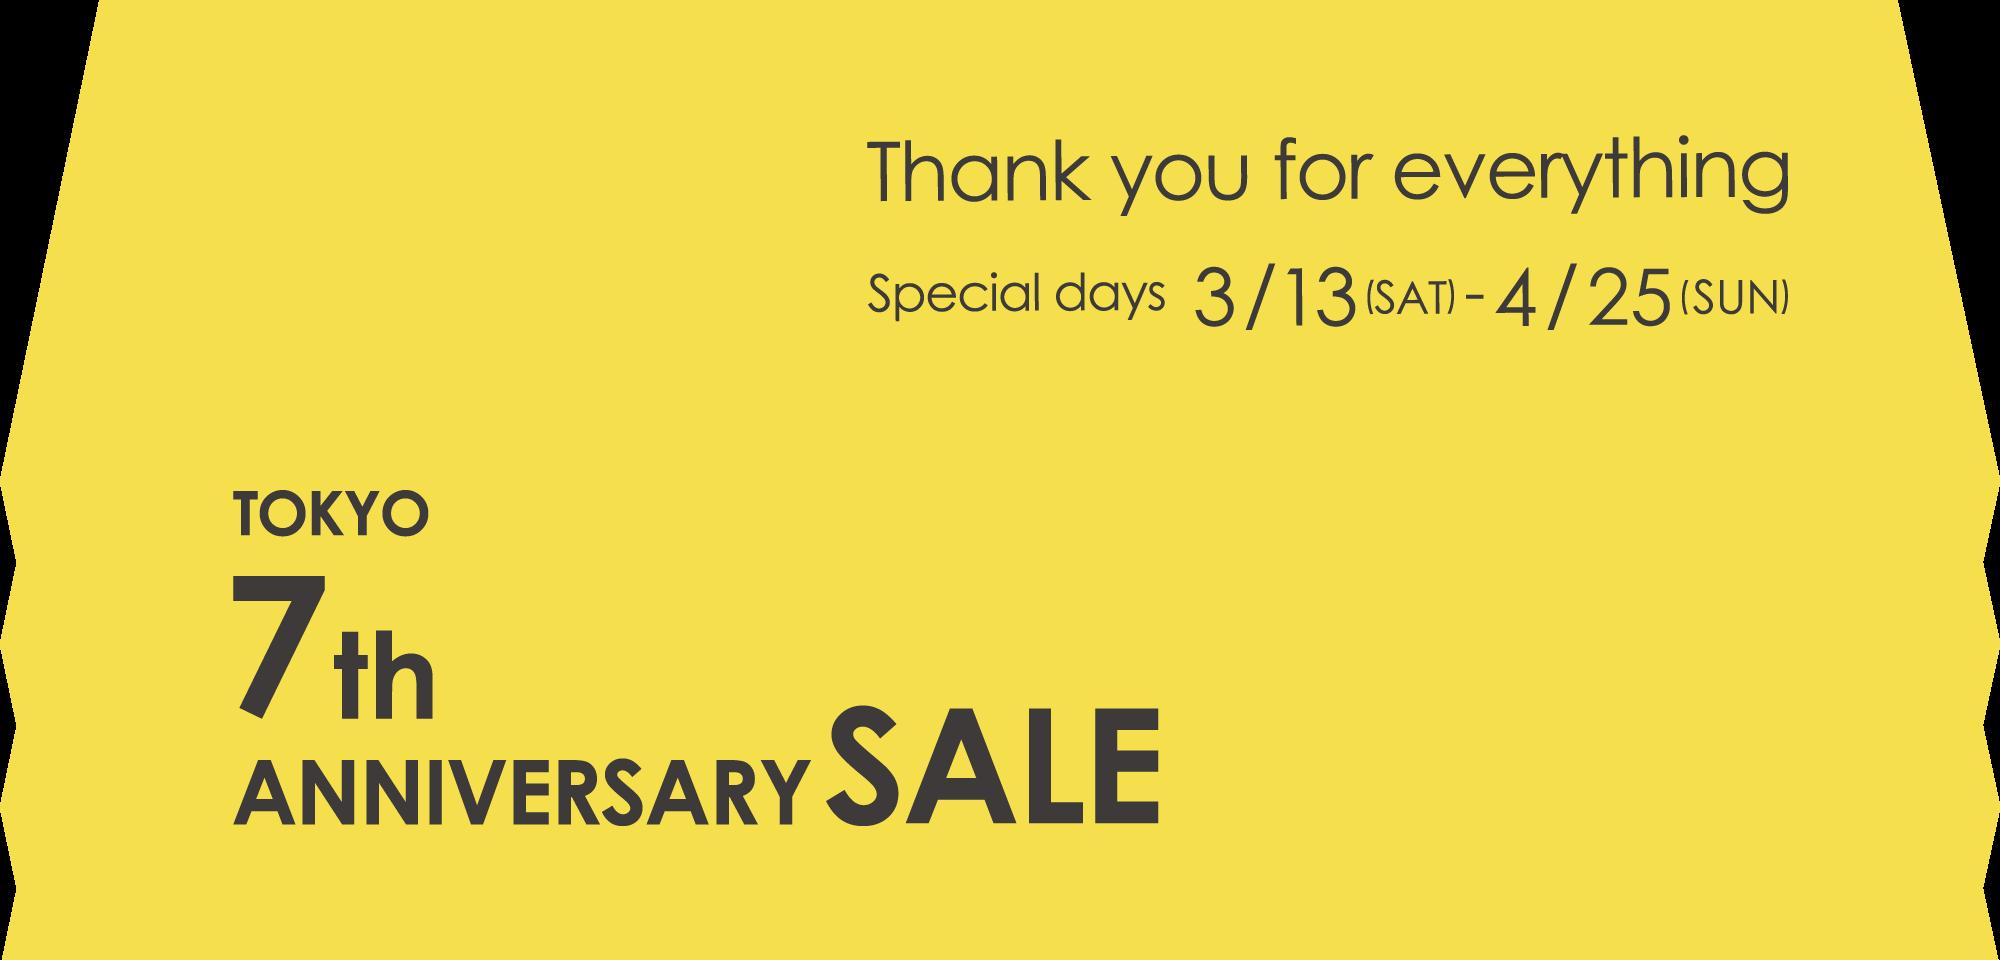 E-comfort東京店7周年セール開催中です